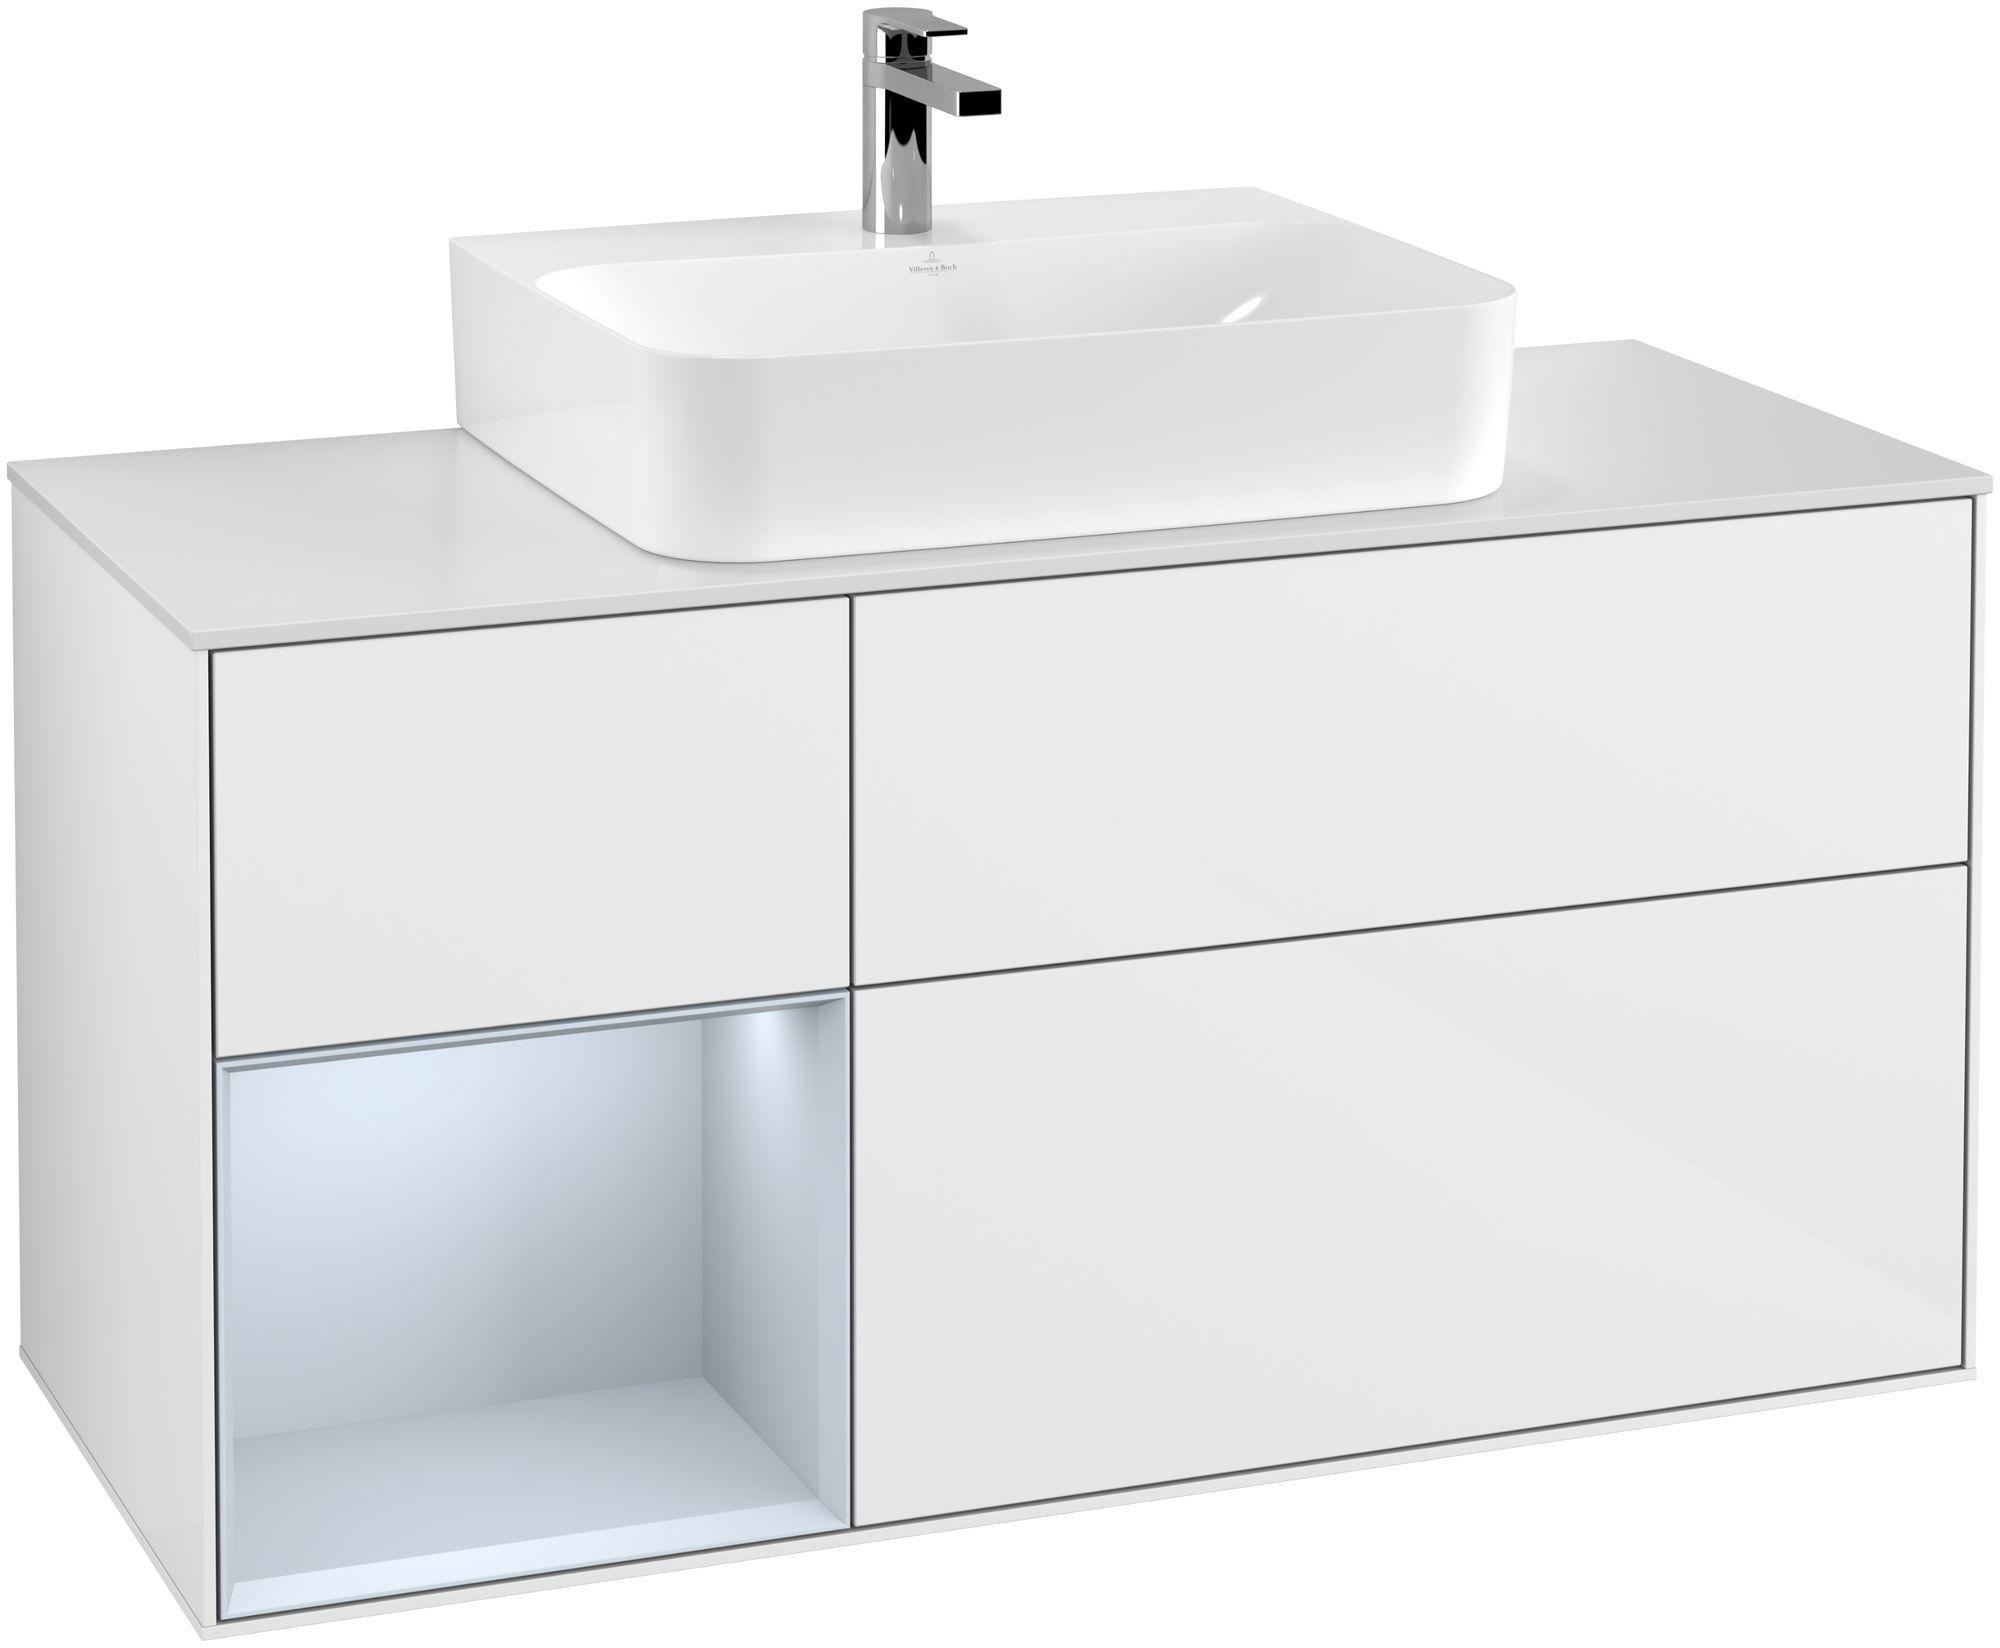 Villeroy & Boch Finion F16 Waschtischunterschrank mit Regalelement 3 Auszüge Waschtisch mittig LED-Beleuchtung B:120xH:60,3xT:50,1cm Front, Korpus: Glossy White Lack, Regal: Cloud, Glasplatte: White Matt F161HAGF